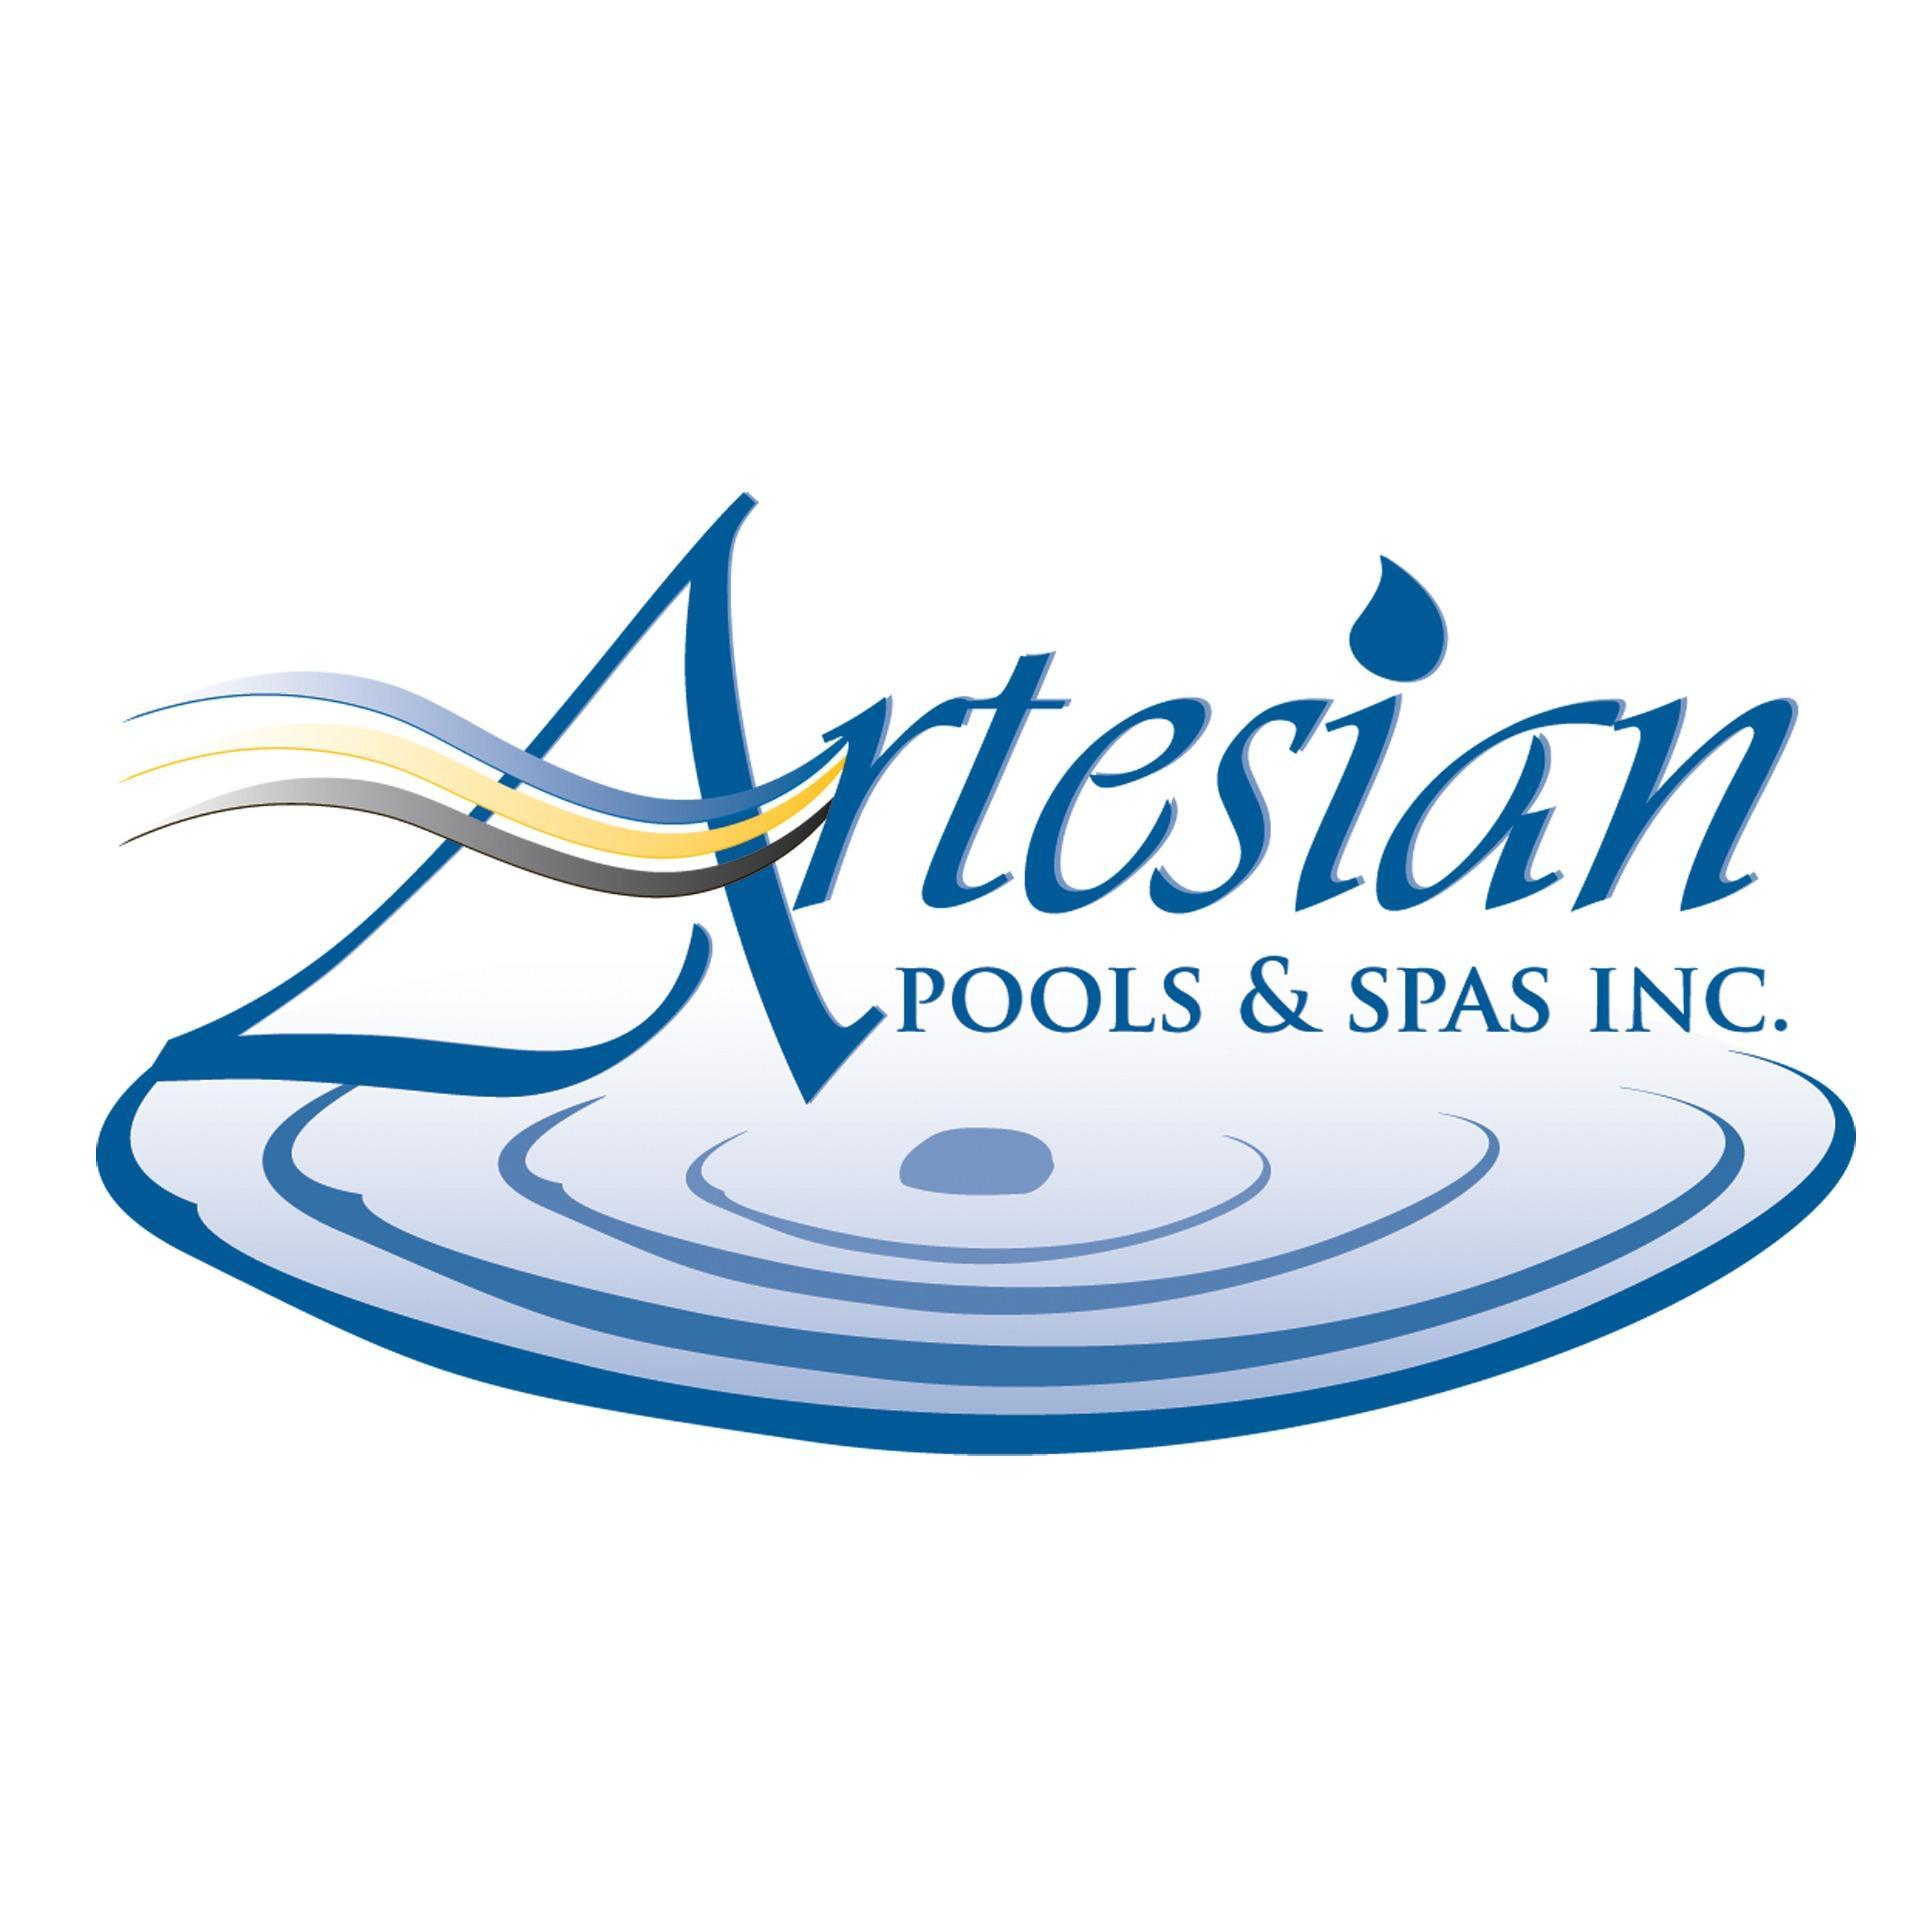 Artesian Pools & Spas Inc